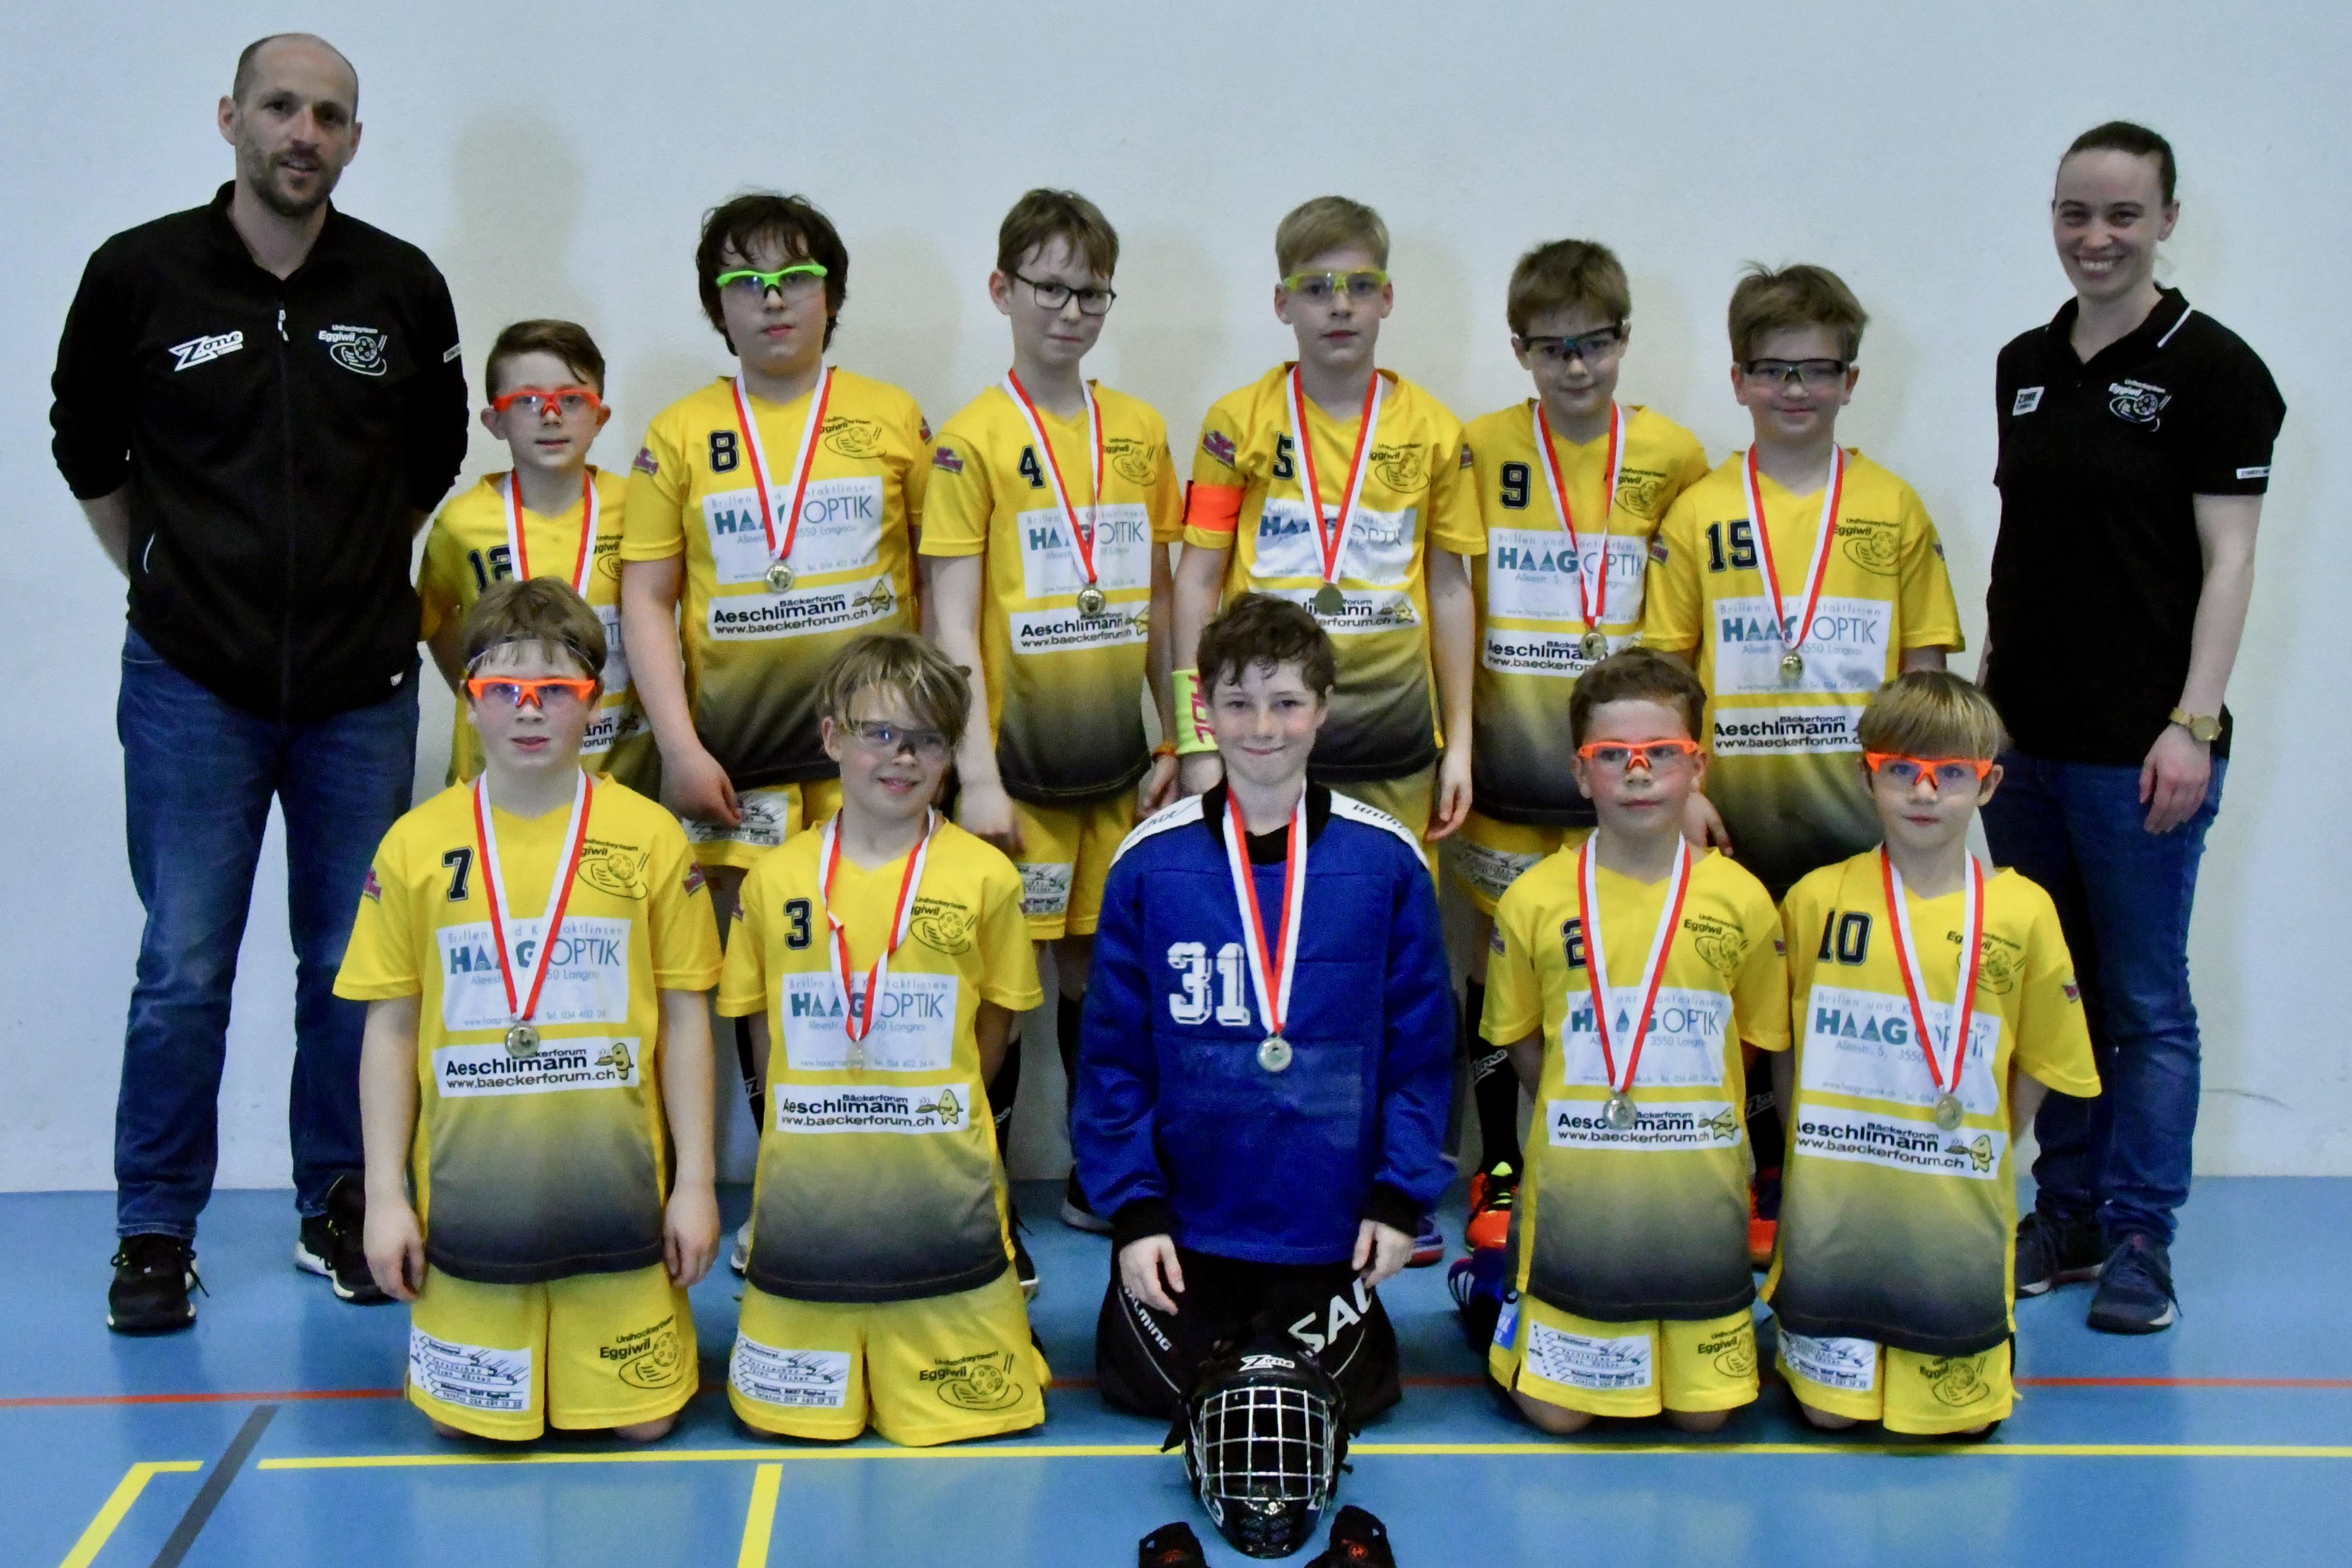 Junioren D l - SV Wiler-Ersigen lll, Saison 2018/19